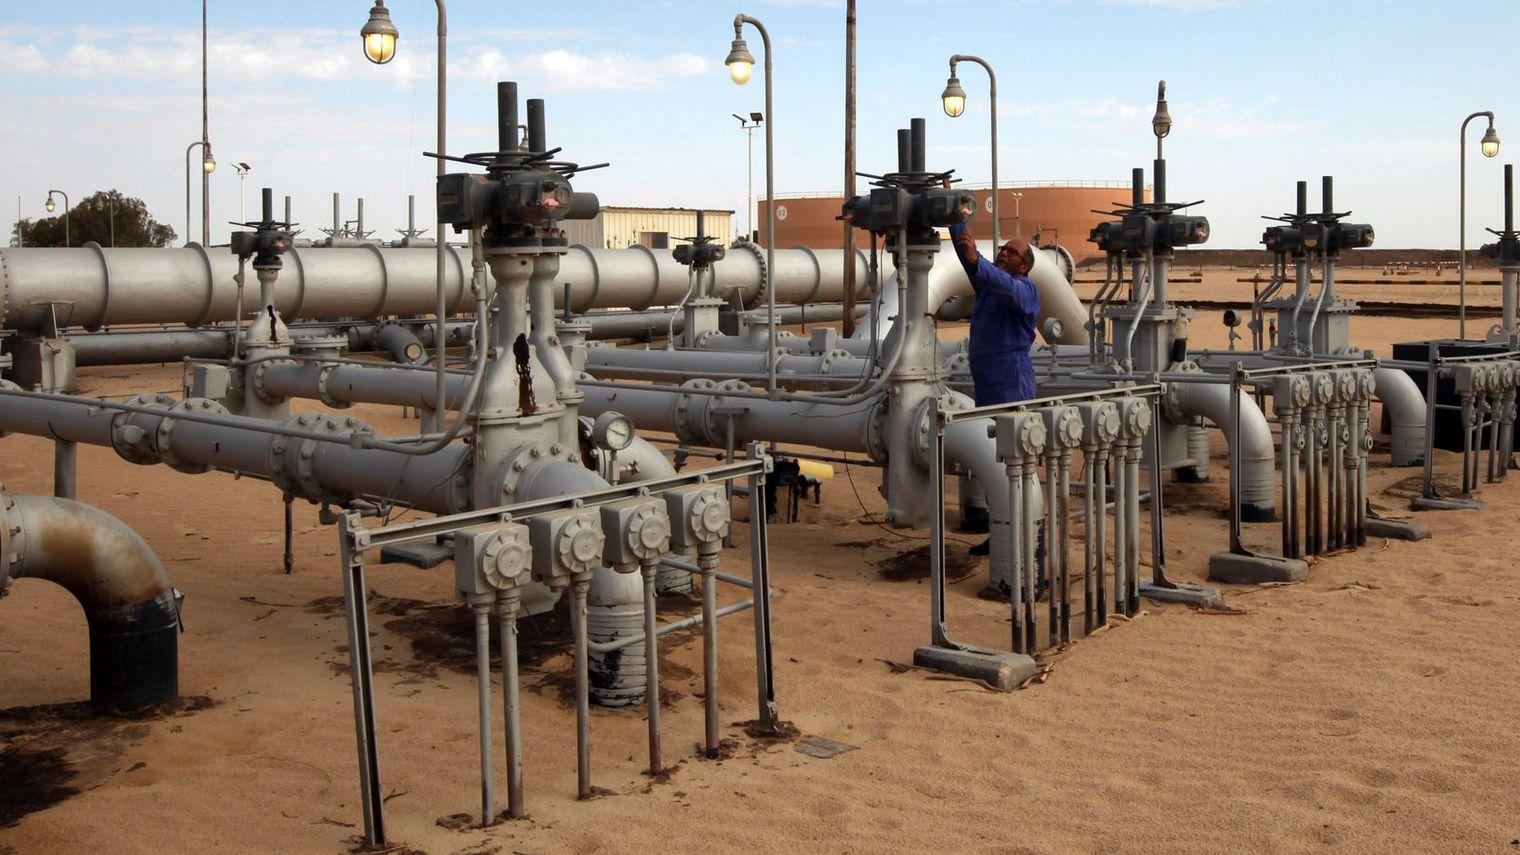 Attaque avortée d'un gisement  pétrolier en Libye  Le gouvernement d'union nationale  réussit à rallier des soutiens